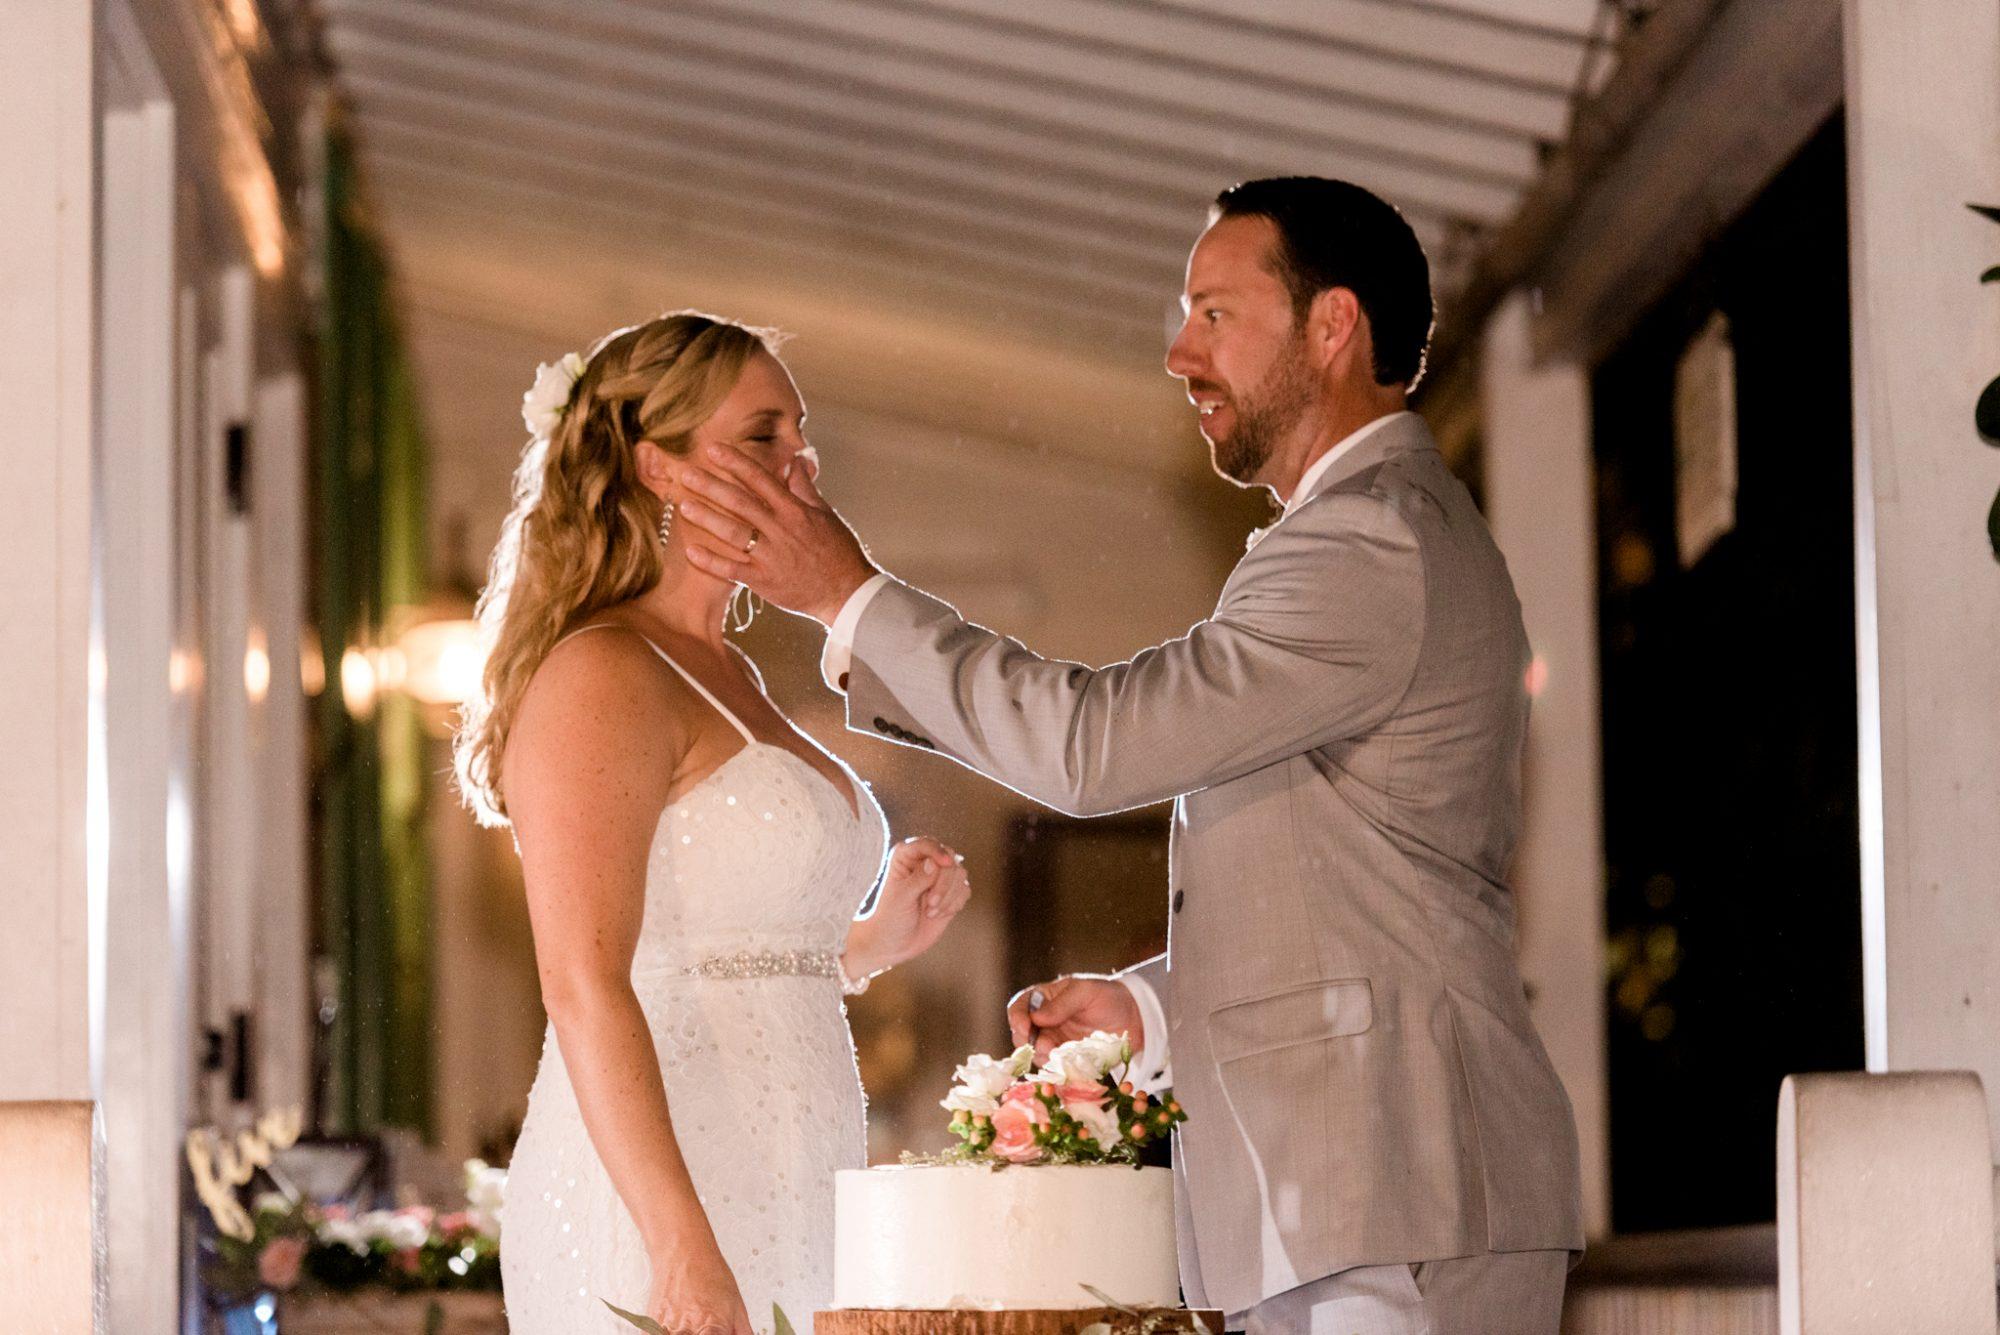 Colleen Jonathan Audubon House Wedding Key West 65 - Colleen & Jonathon | Audubon House and Gardens | Key West Wedding